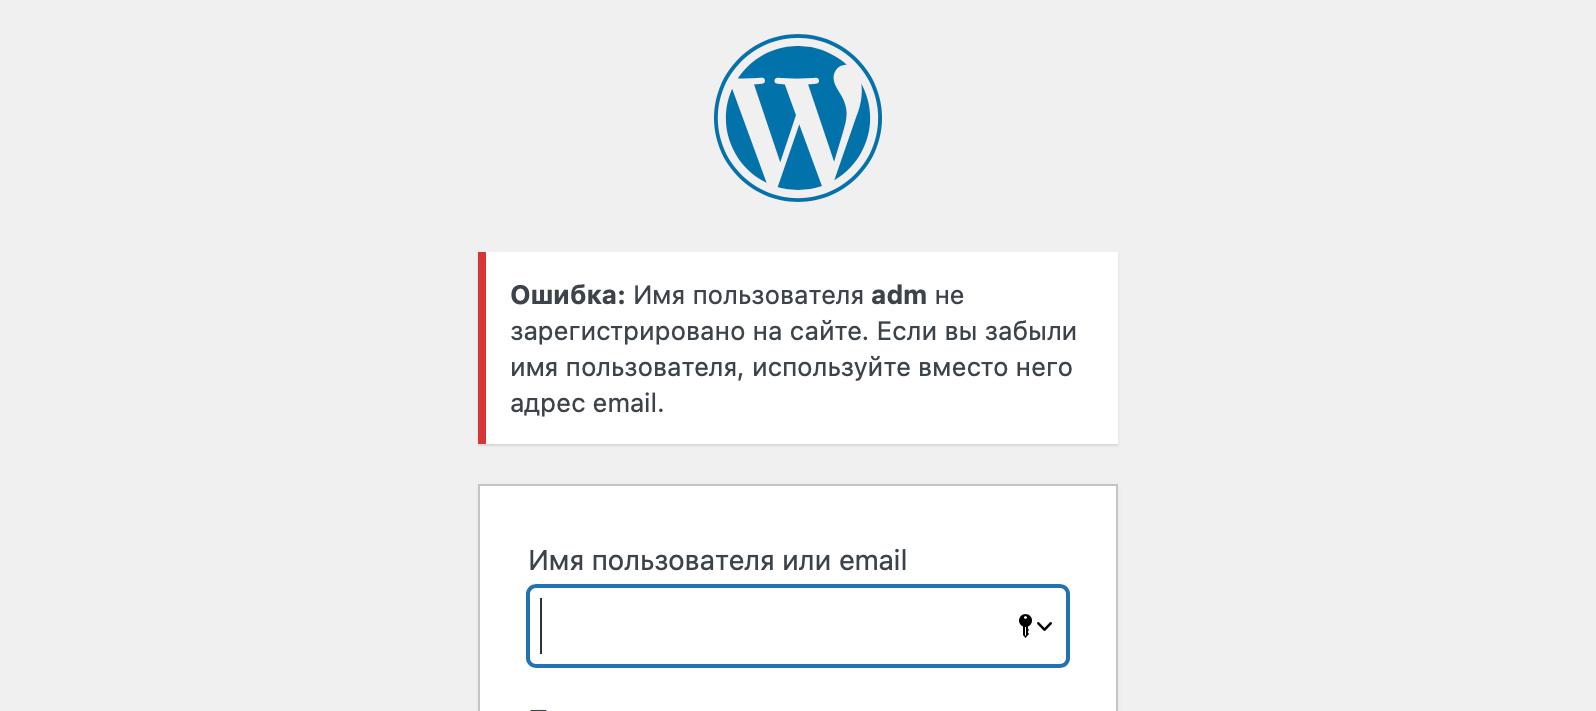 Имя пользователя не зарегистрировано на сайте